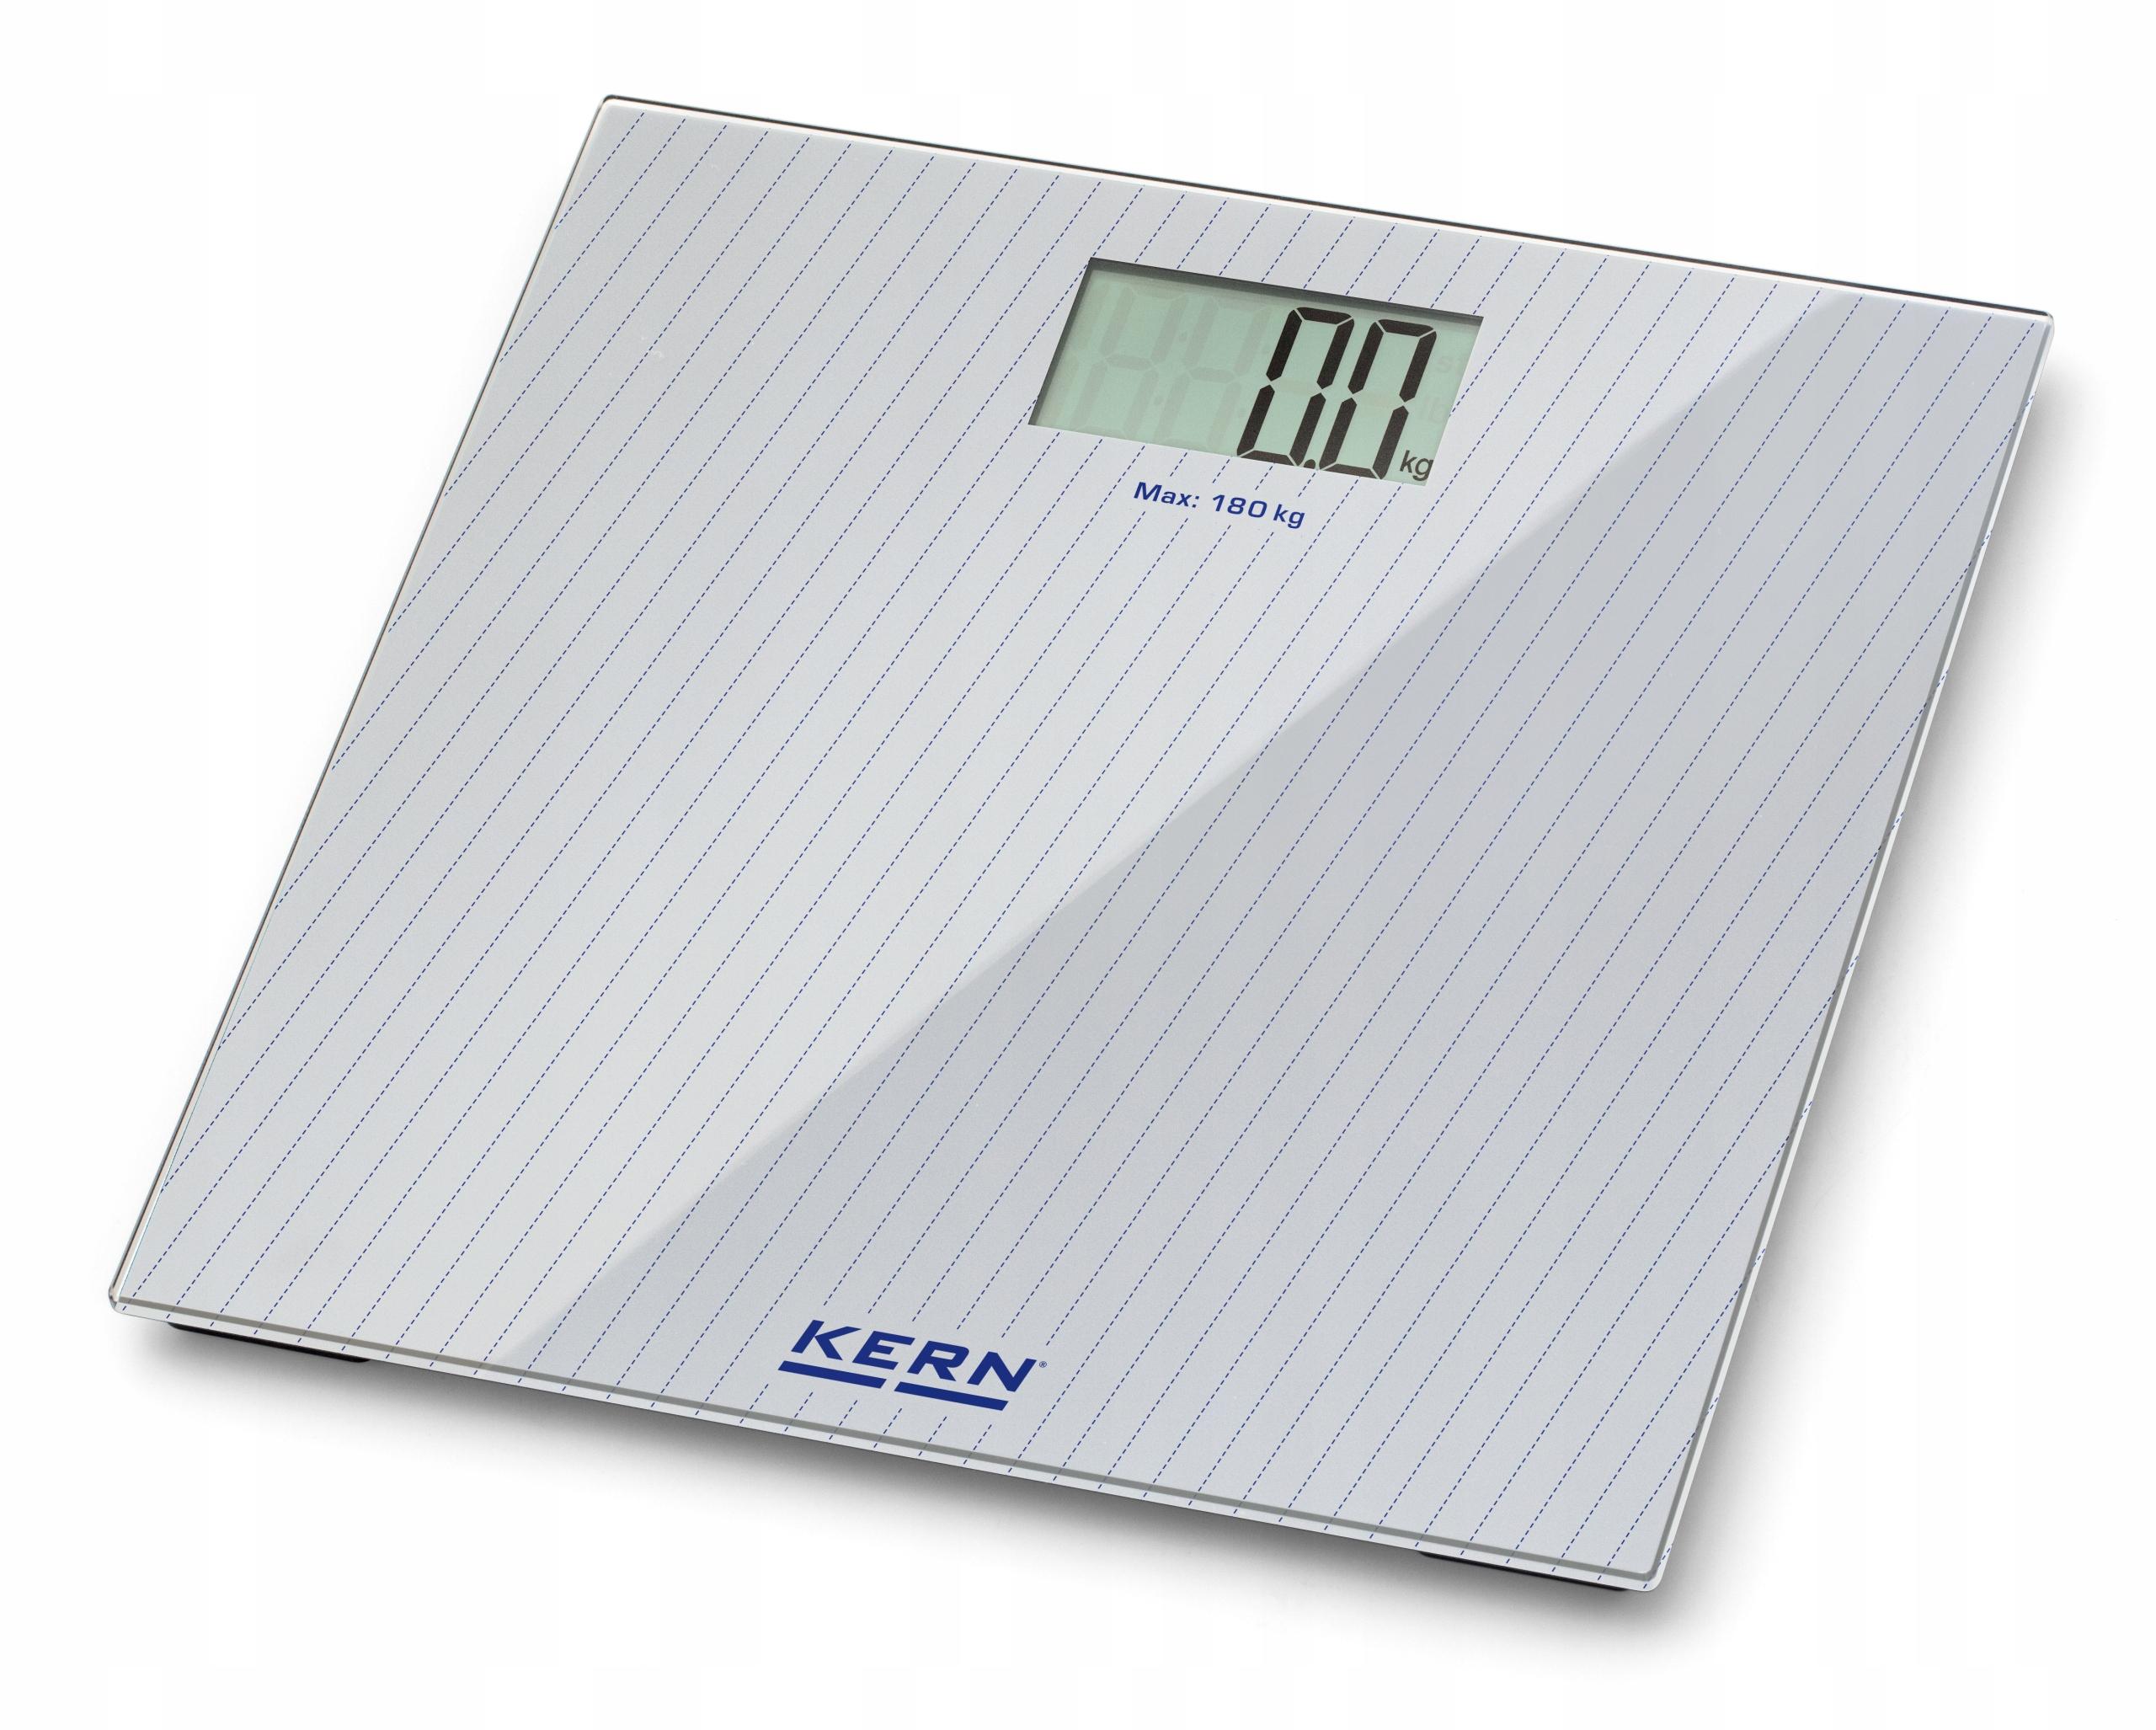 Kúpeľňa Kern MGD až 180 kg